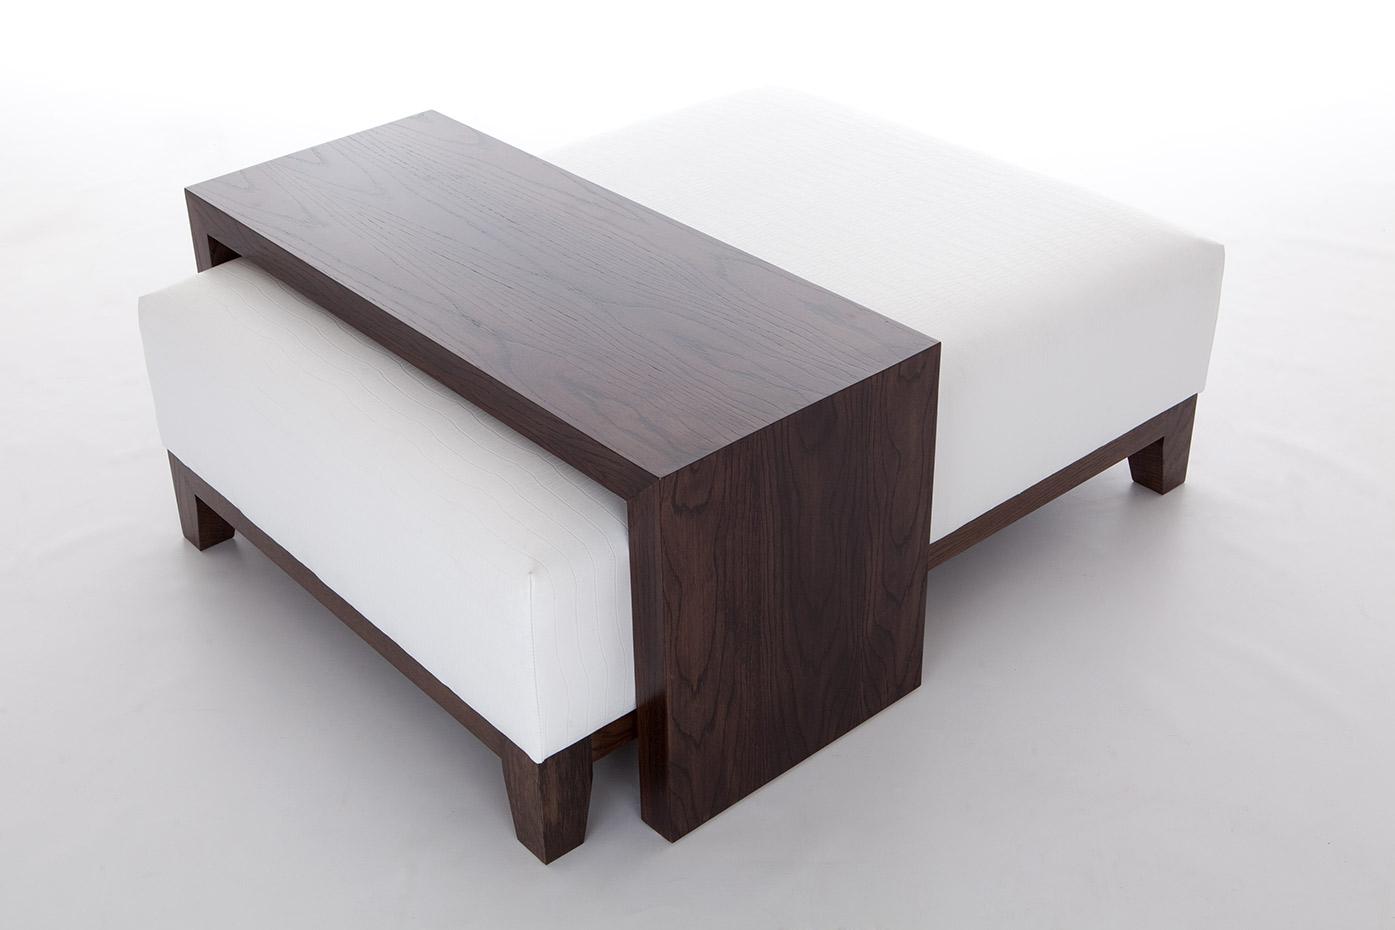 Harris Coffee Table Stool Charlotte James Furniture